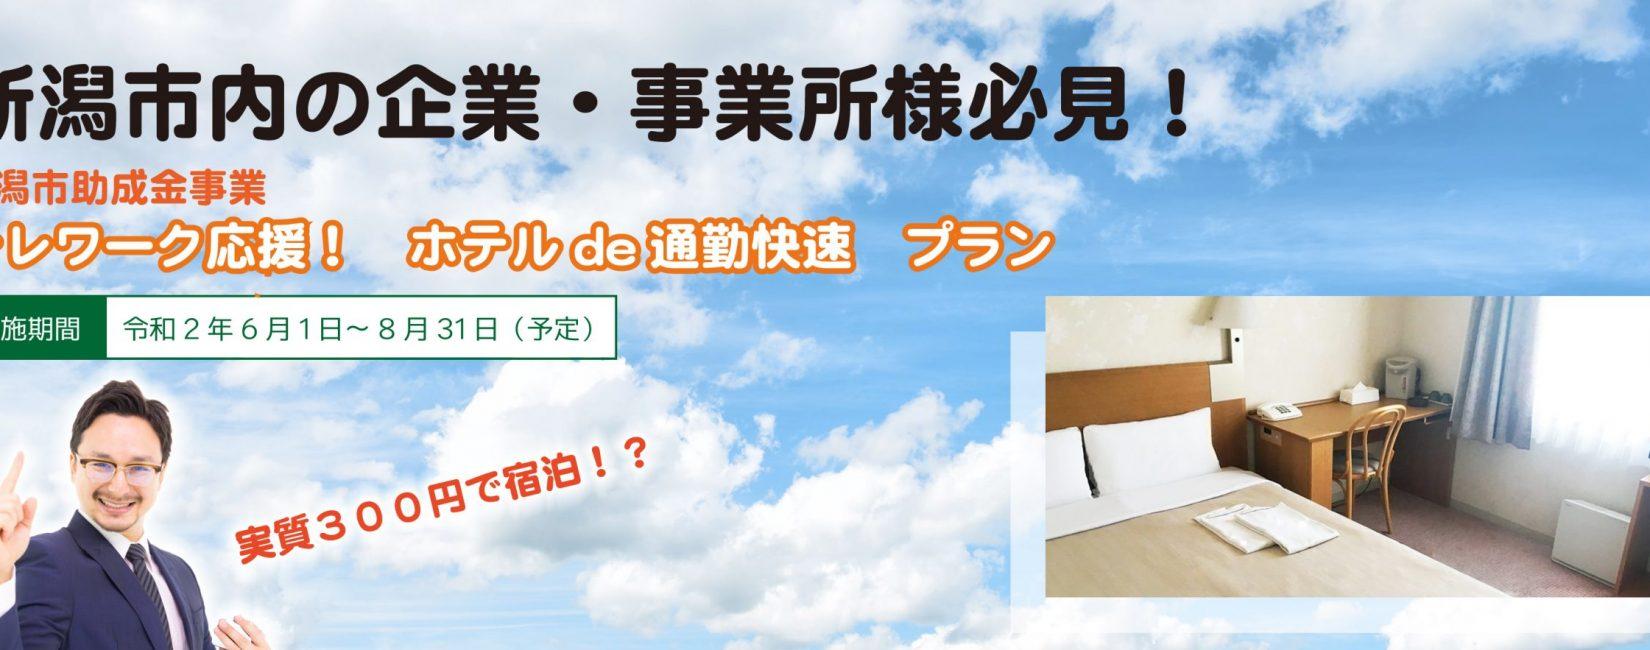 通勤機会縮減【ホテルde通勤快速プラン】実施中!